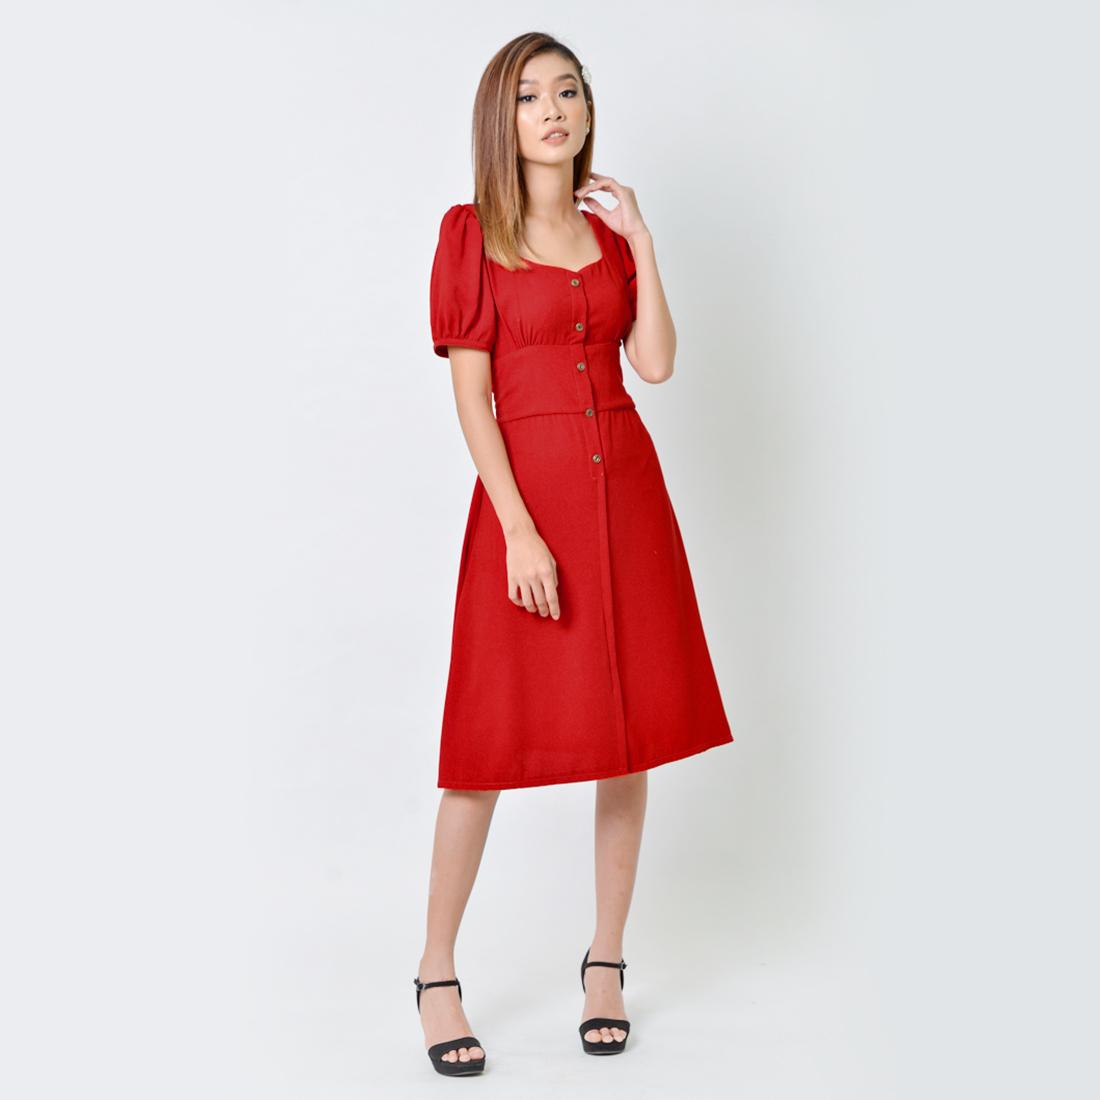 Đầm Chữ A Thời Trang Eden Cổ Vuông - D355 - Màu Đỏ